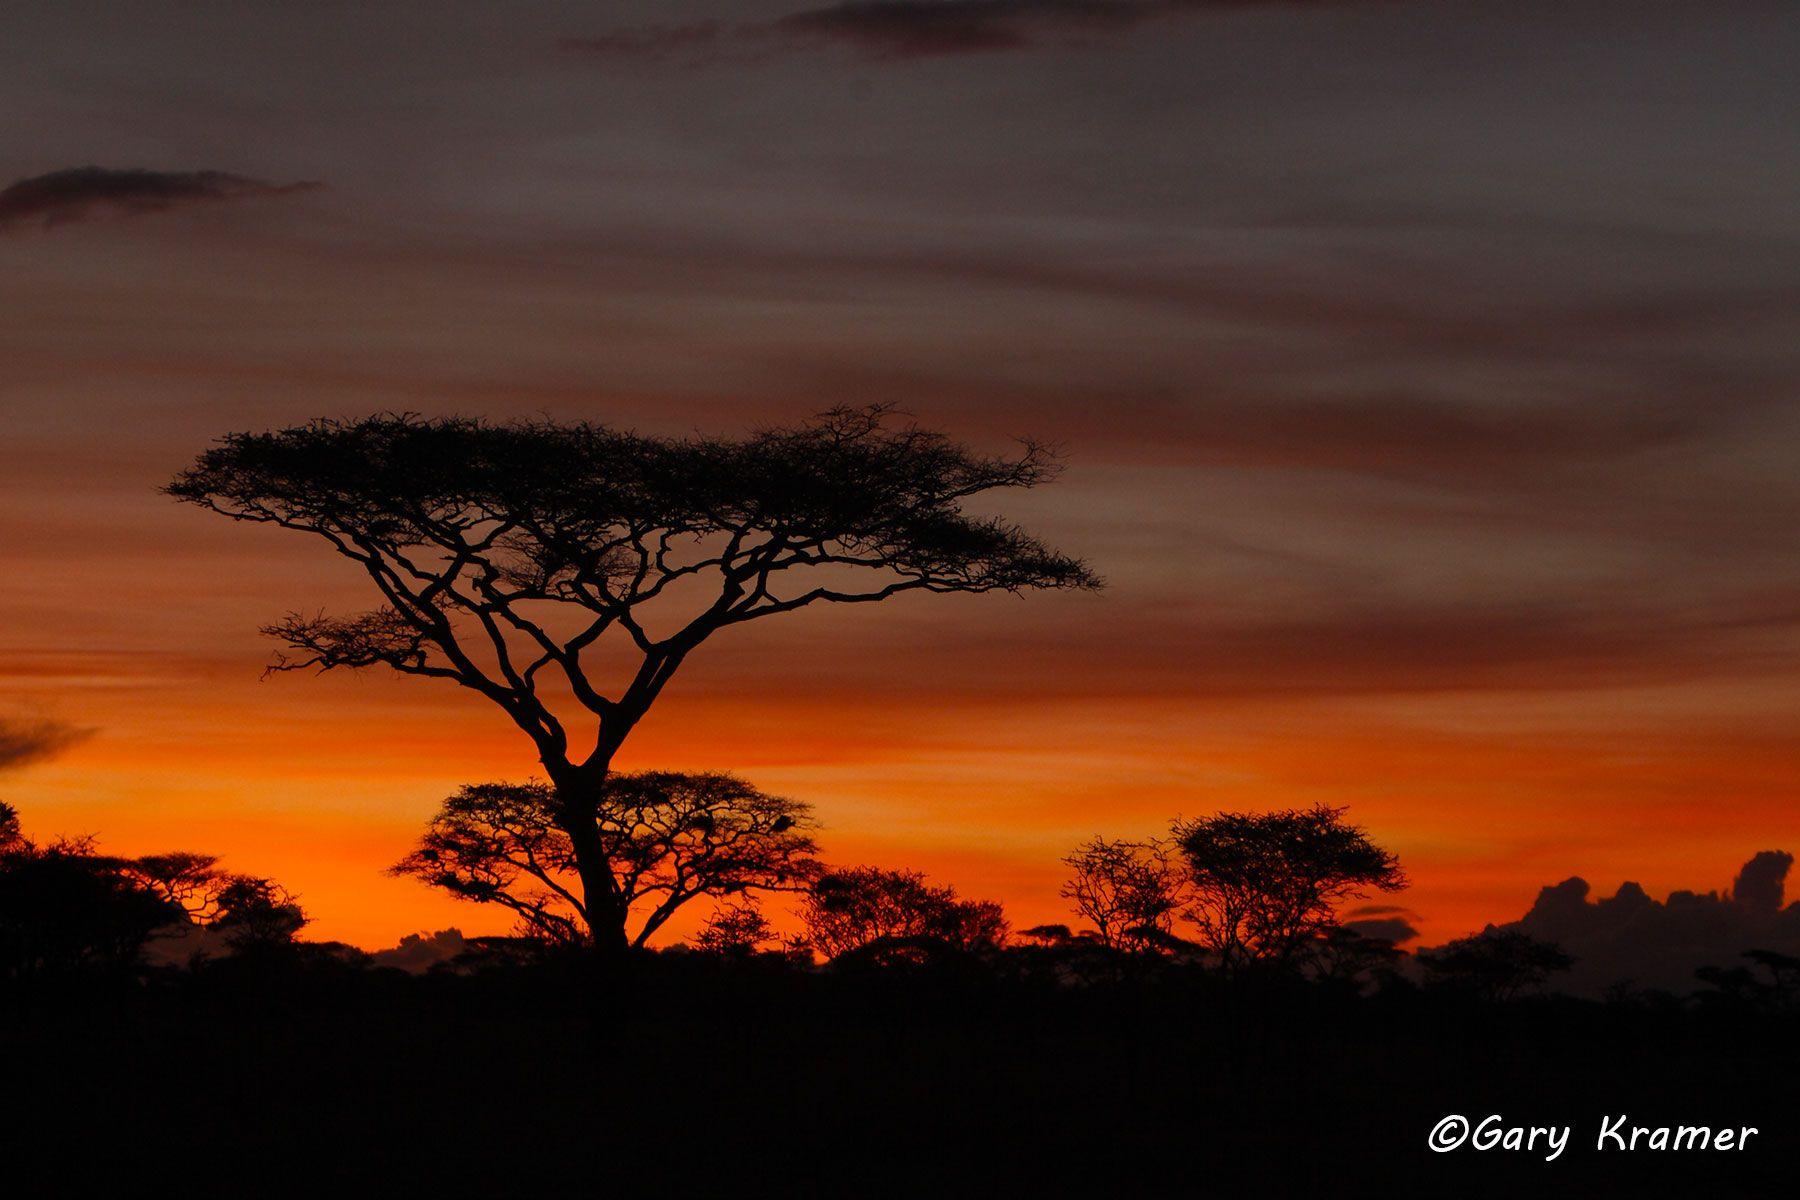 Sunset at Serengeti National Park, Tanzania - ATSs#001d